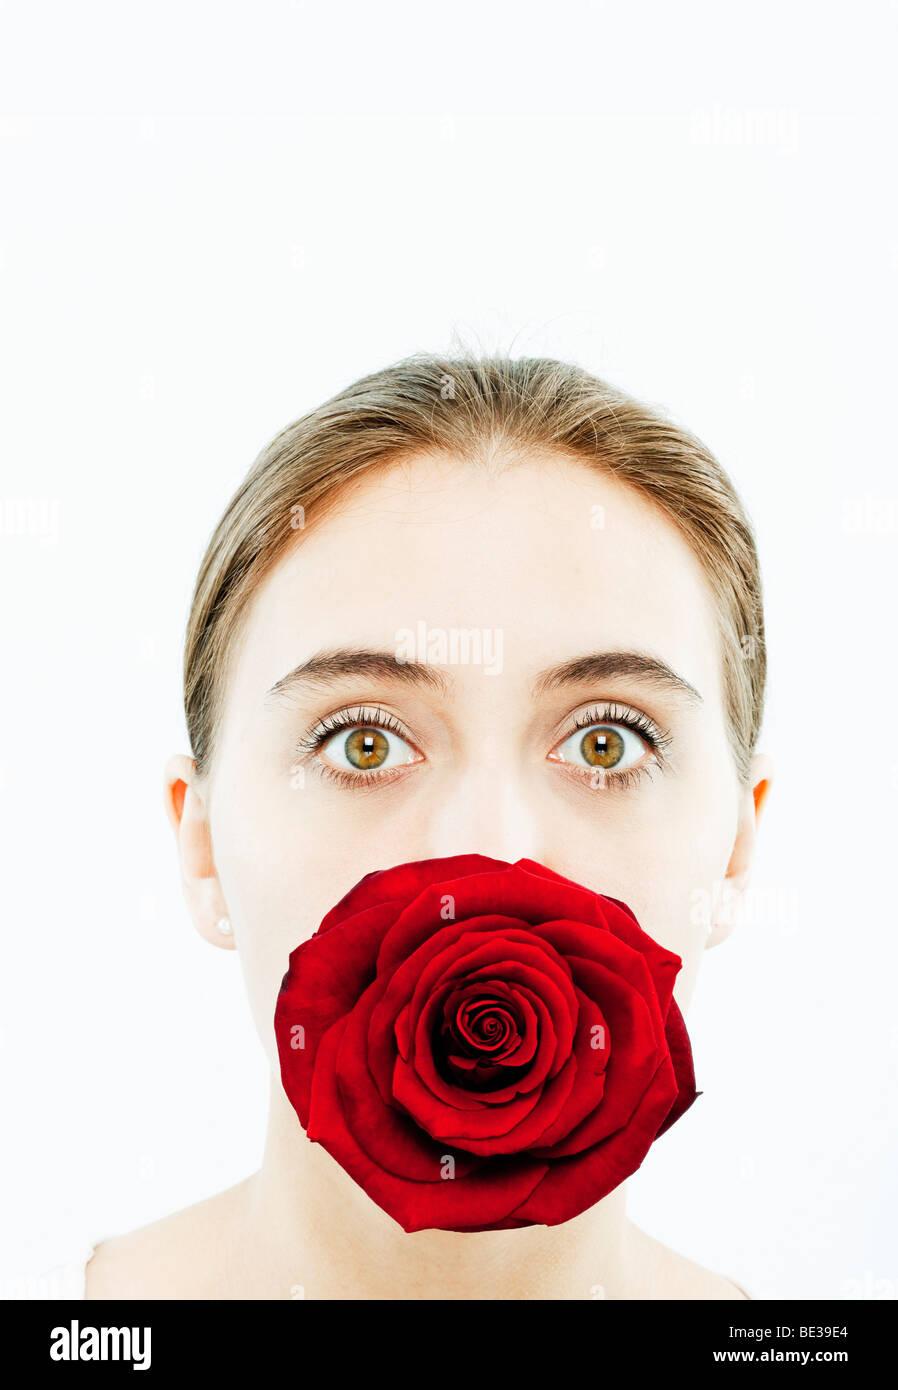 Retrato de mujer joven con una rosa en su boca Imagen De Stock